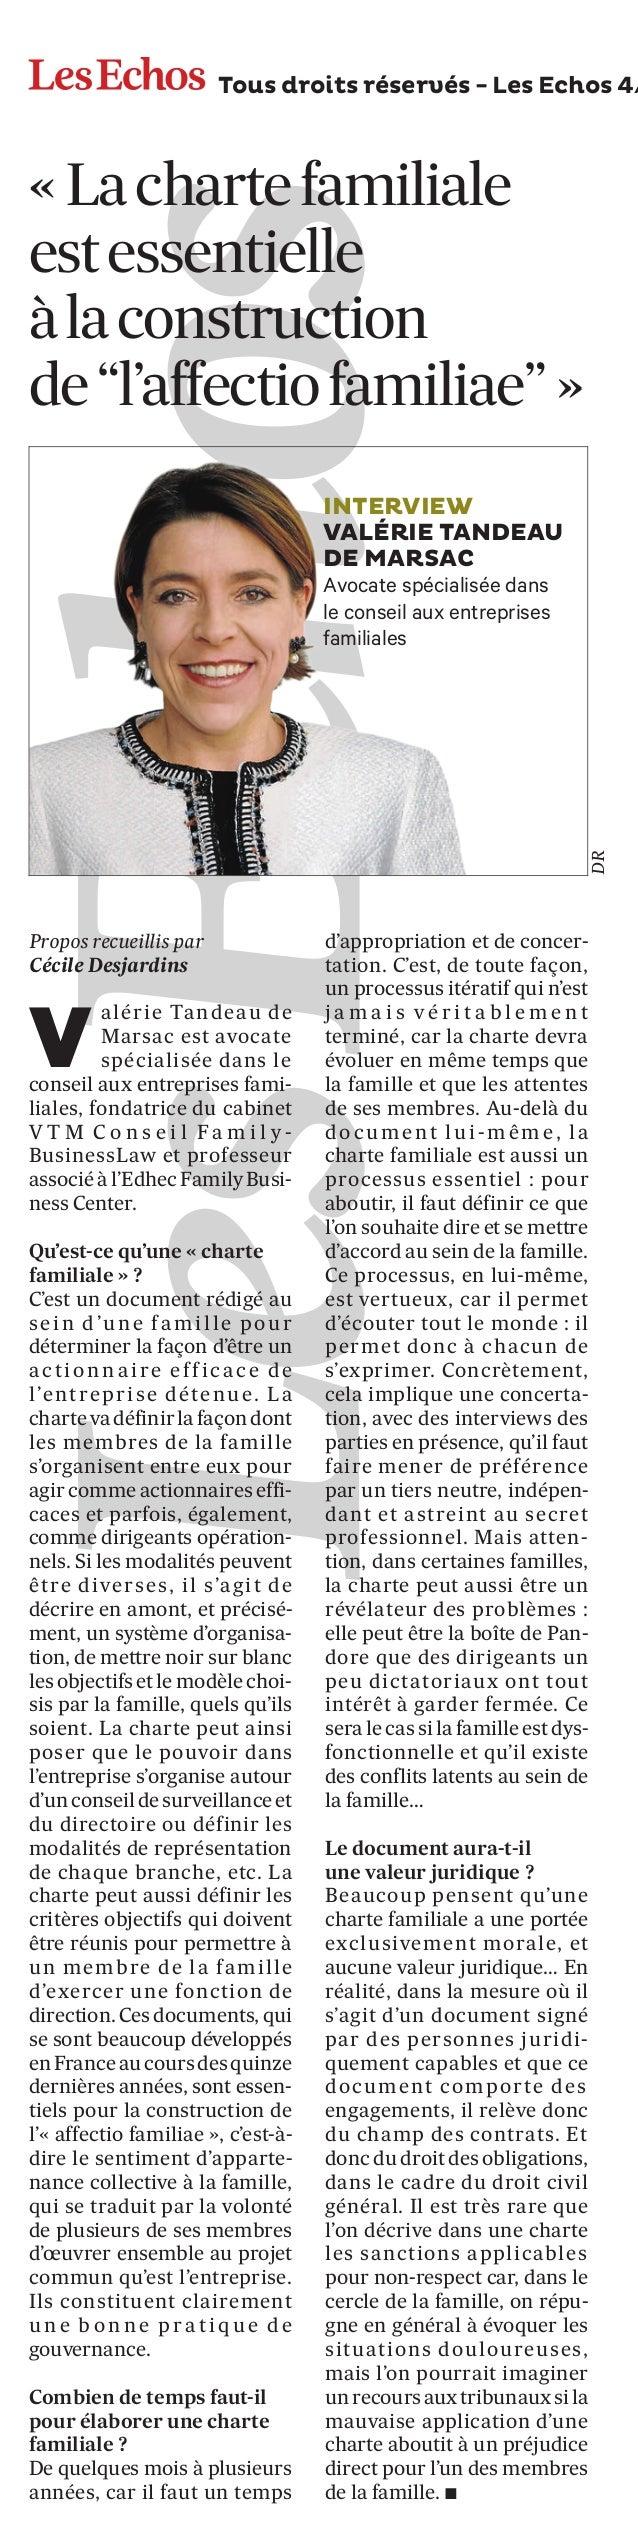 Interview Les Echos le 4 janv 2014 sur la charte familiale